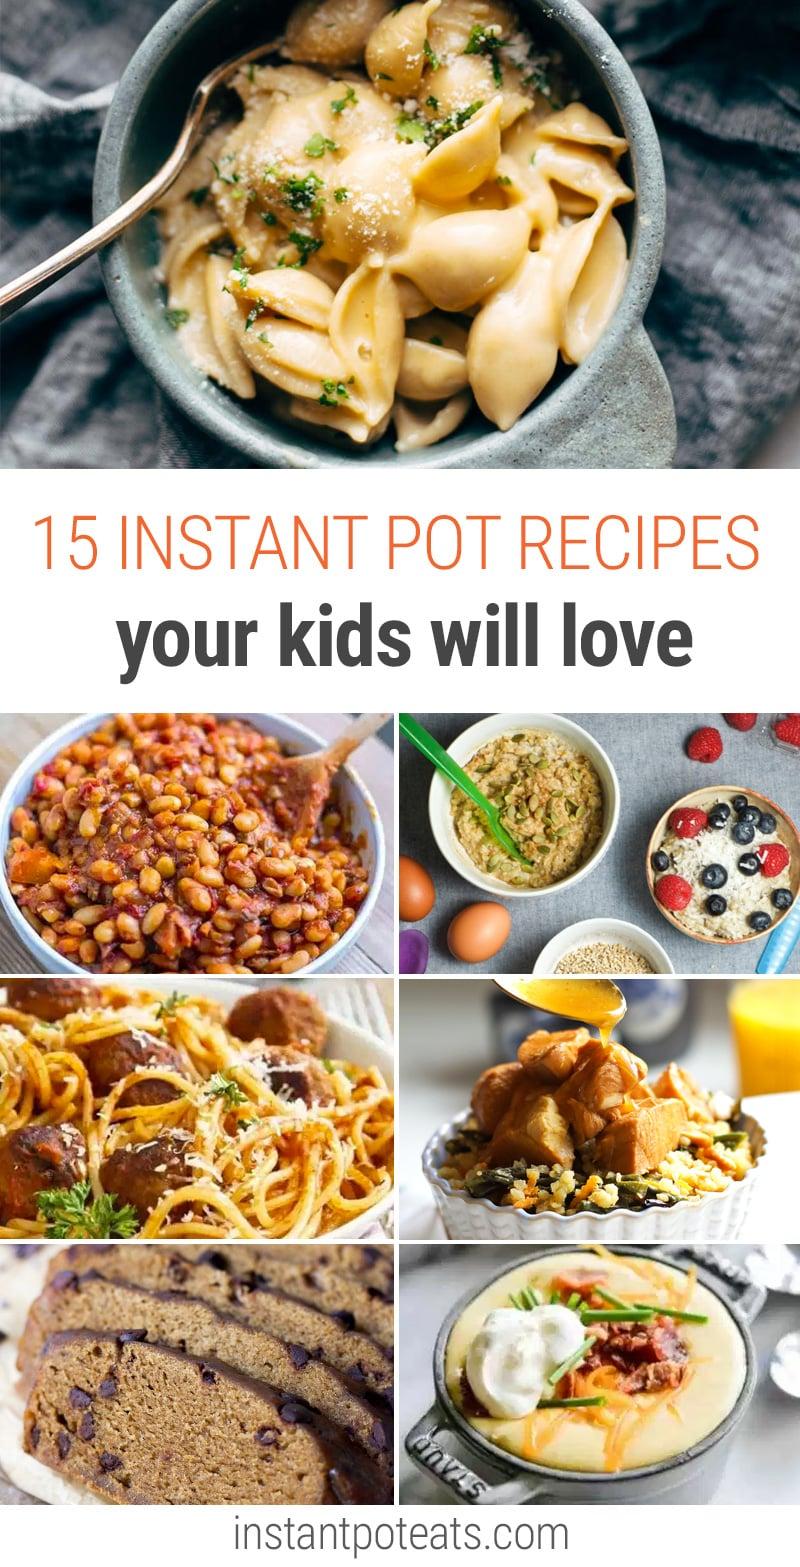 15 Instant Pot Recipes Kids Will Love Instant Pot Eats